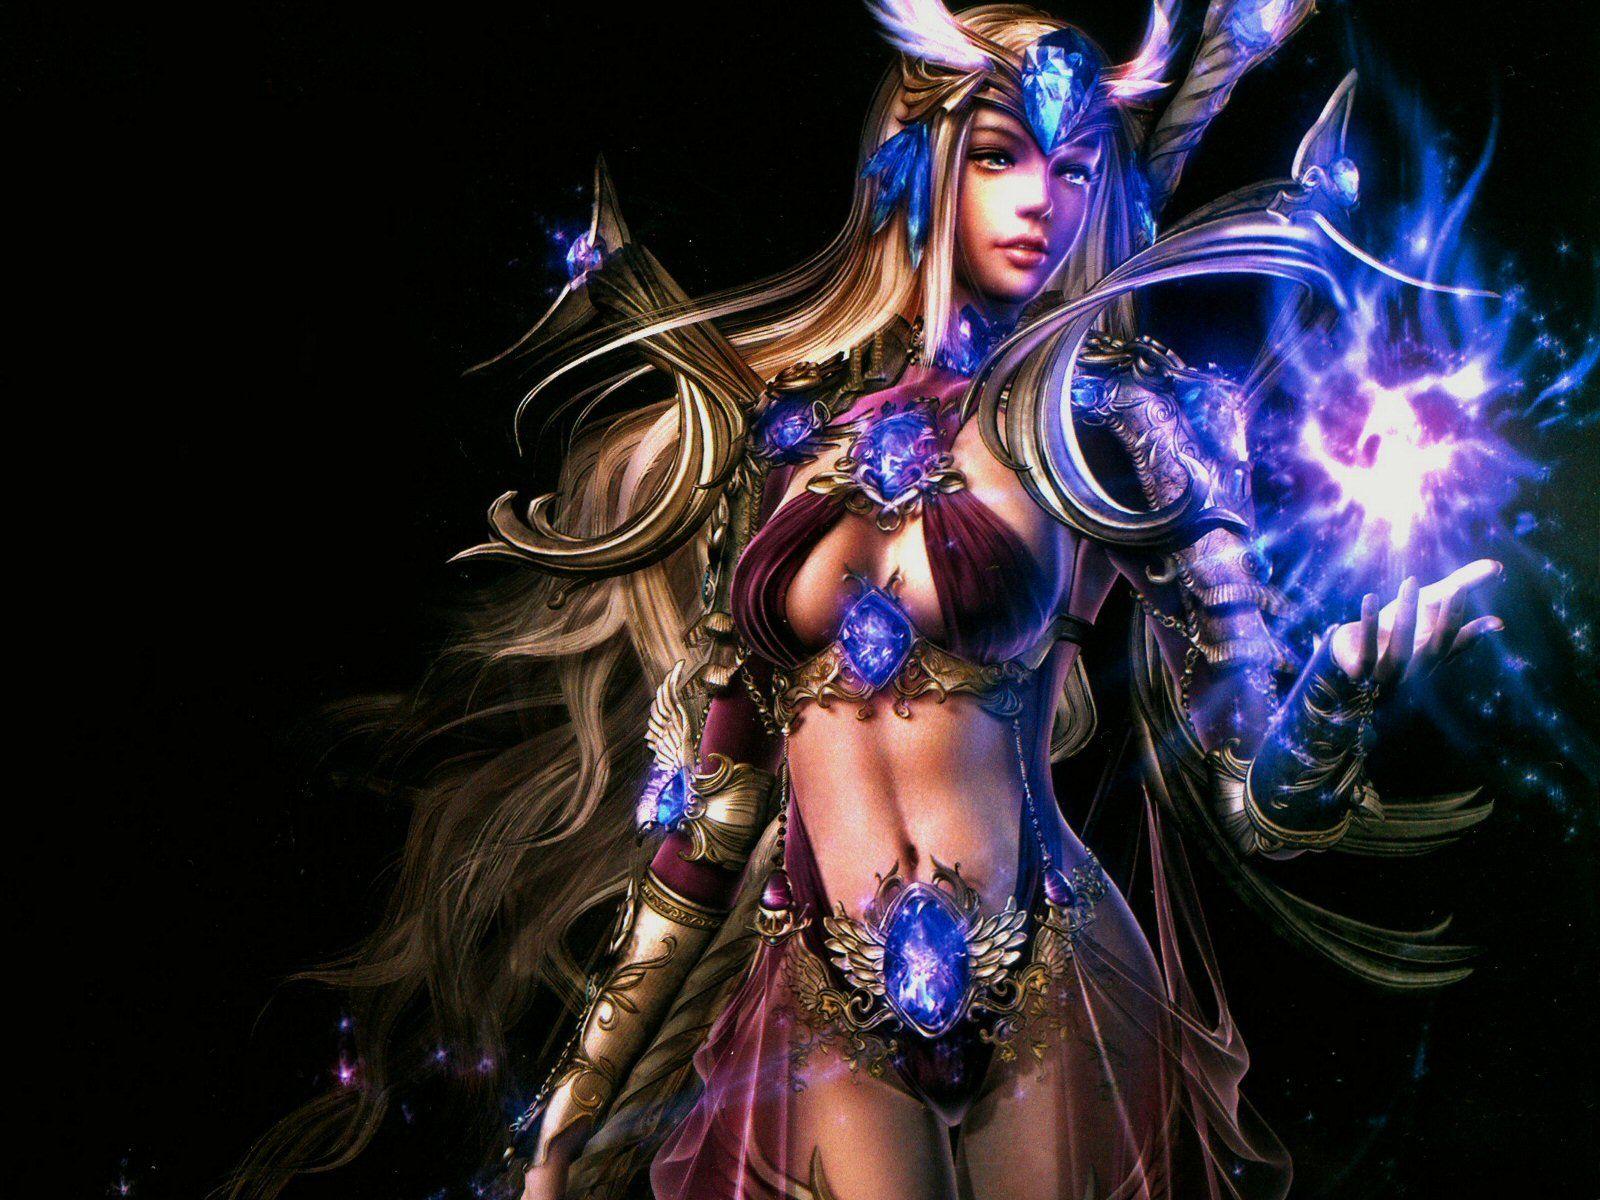 Fantasy Wallpaper Women HD Desktop